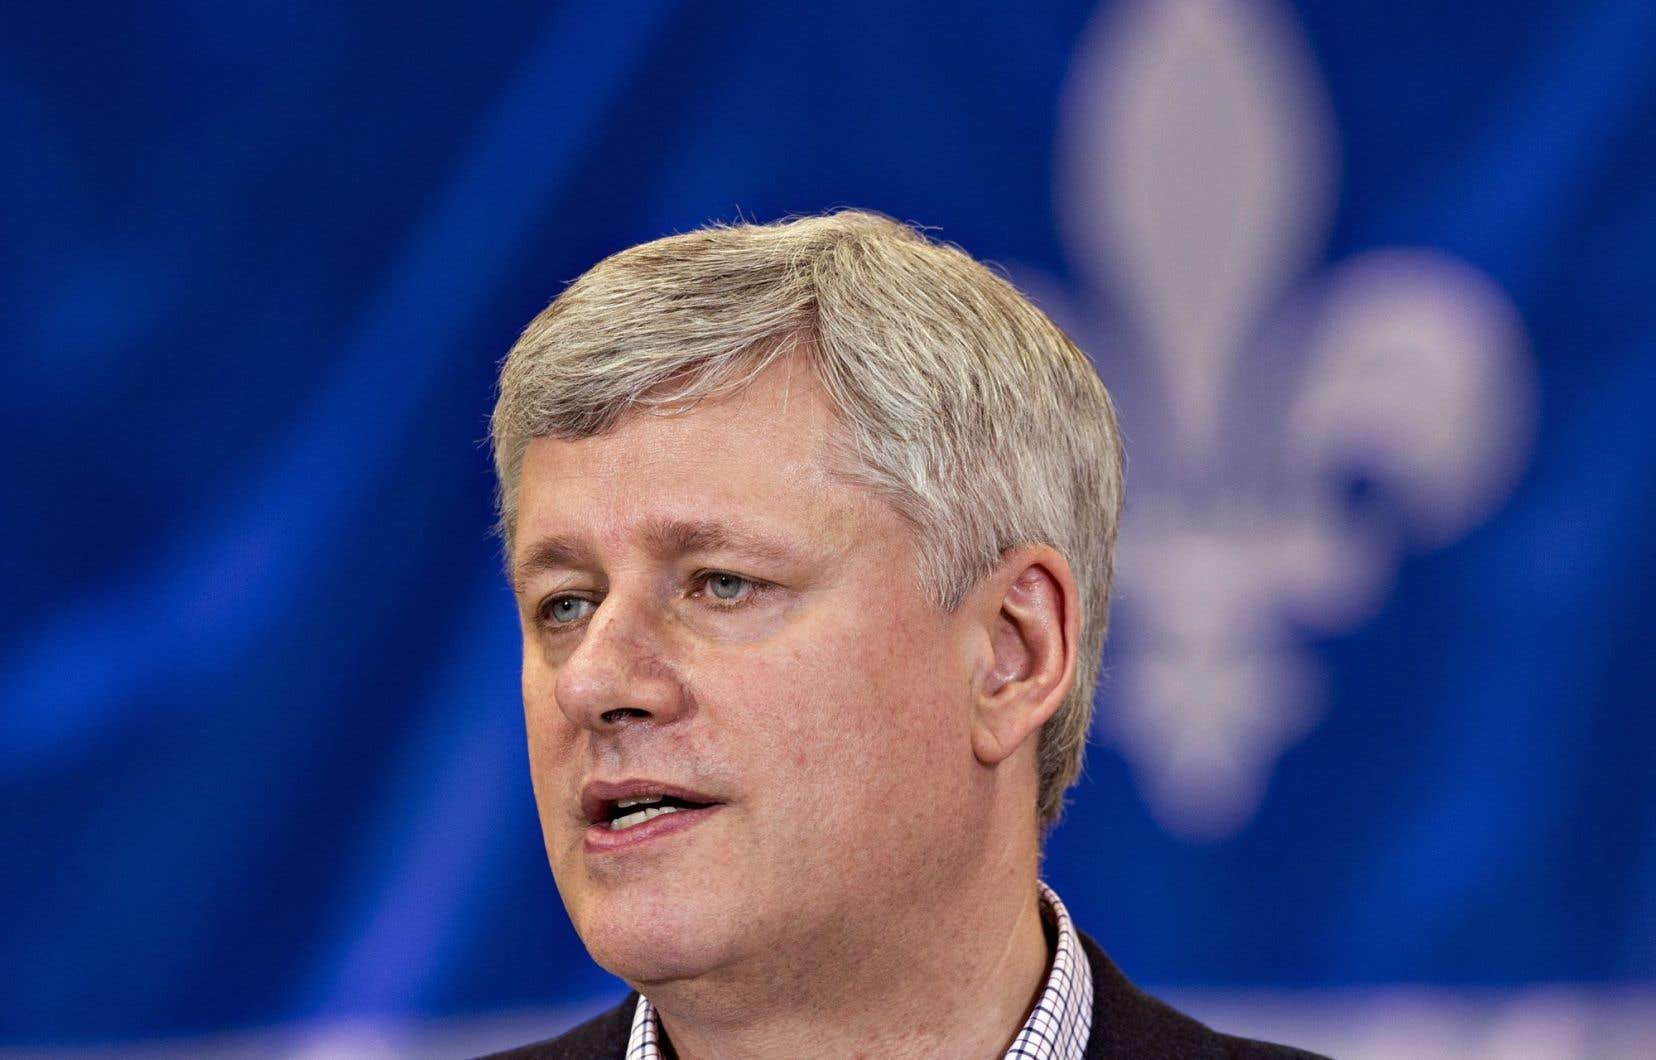 De passage à Saint-Apollinaire, sur la rive sud de Québec, Stephen Harper a salué vendredi l'aboutissement en sa faveur de la saga juridique entourant ce dossier.